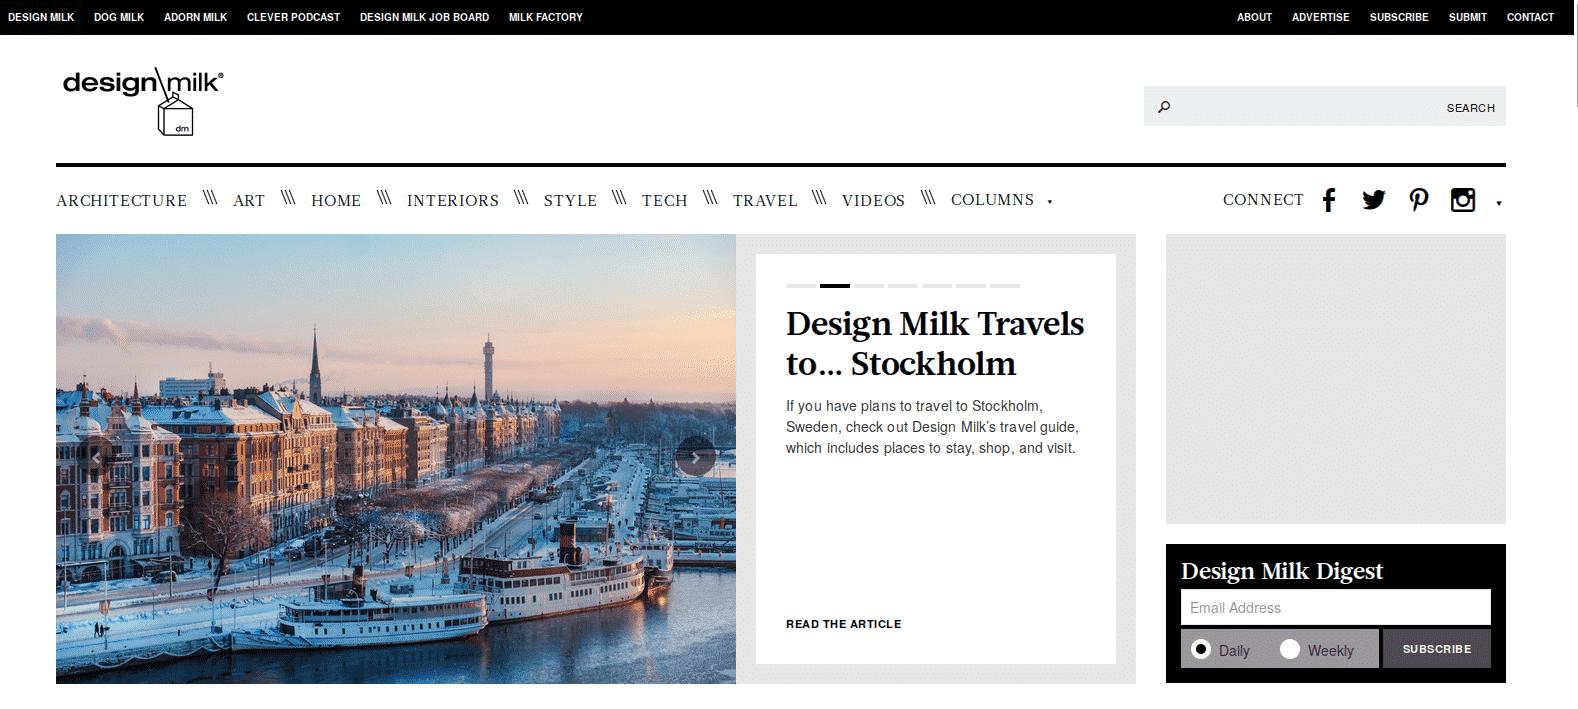 sites obrigatórios para arquitetos e designers